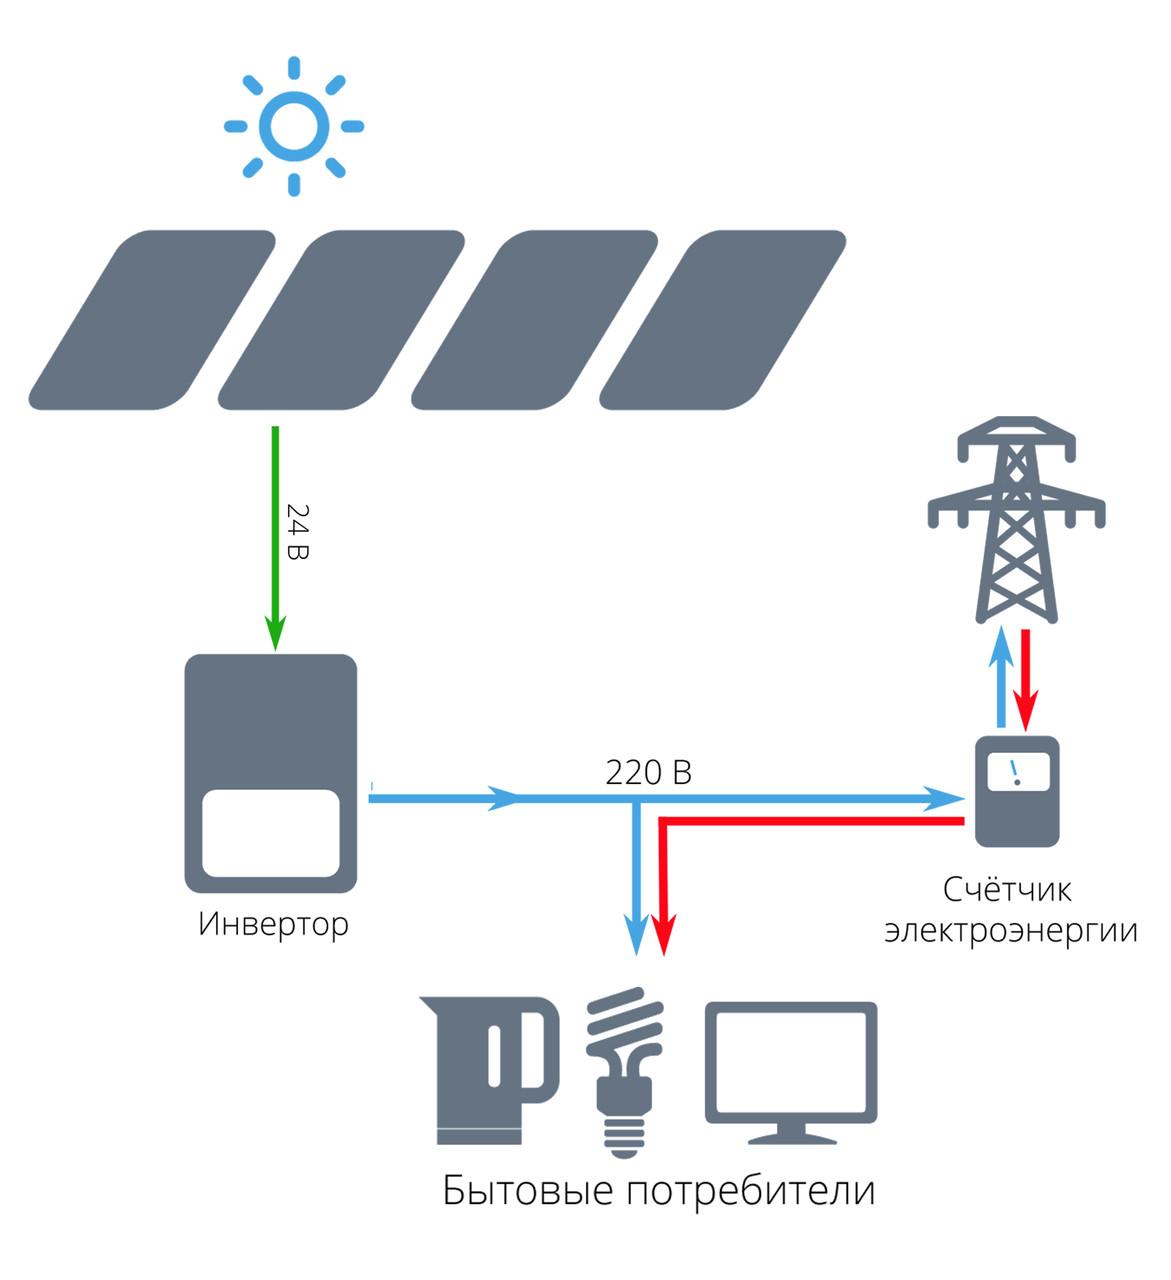 """Сетевая солнечная электростанция для дома 10 кВт под """"зеленый тариф"""" - STANDARD"""